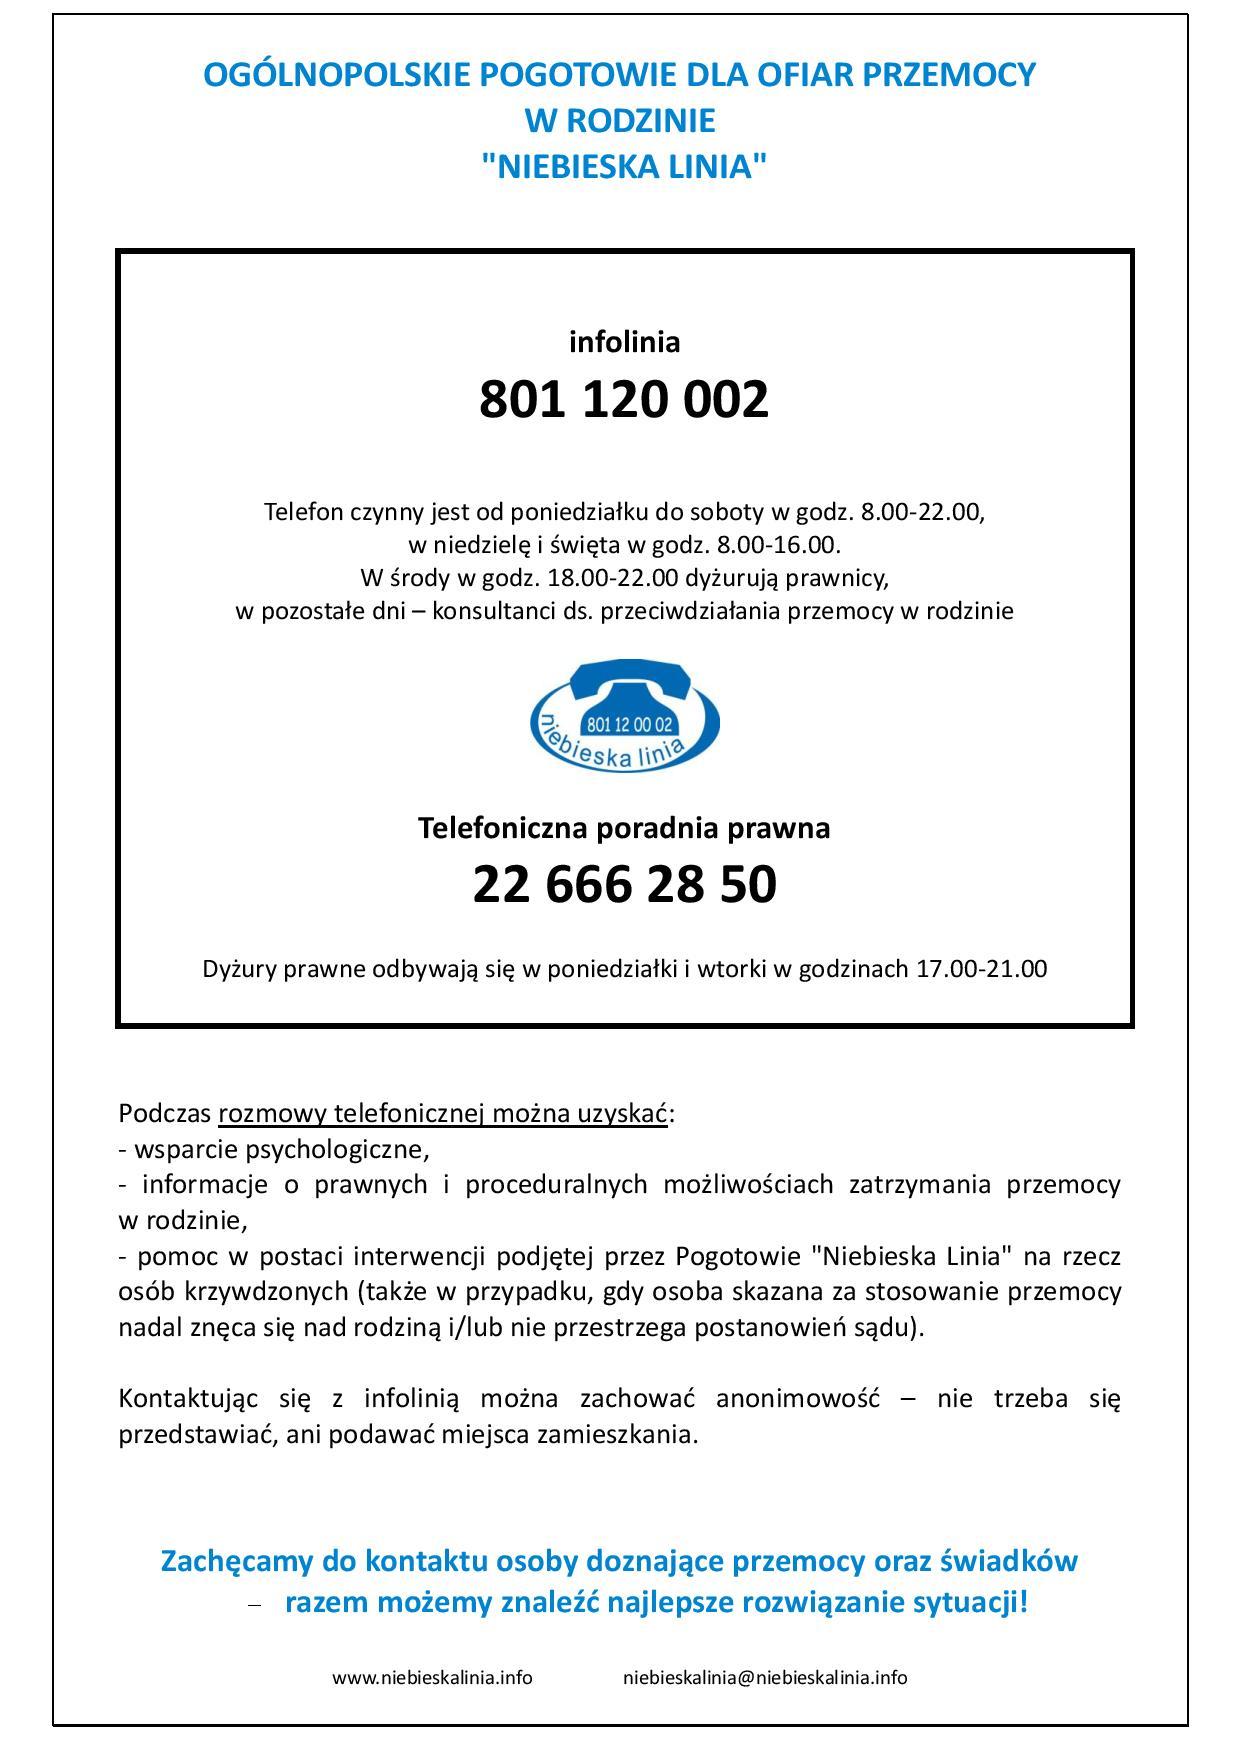 Infolinia_Ogolnopolskie_Pogotowie_NL